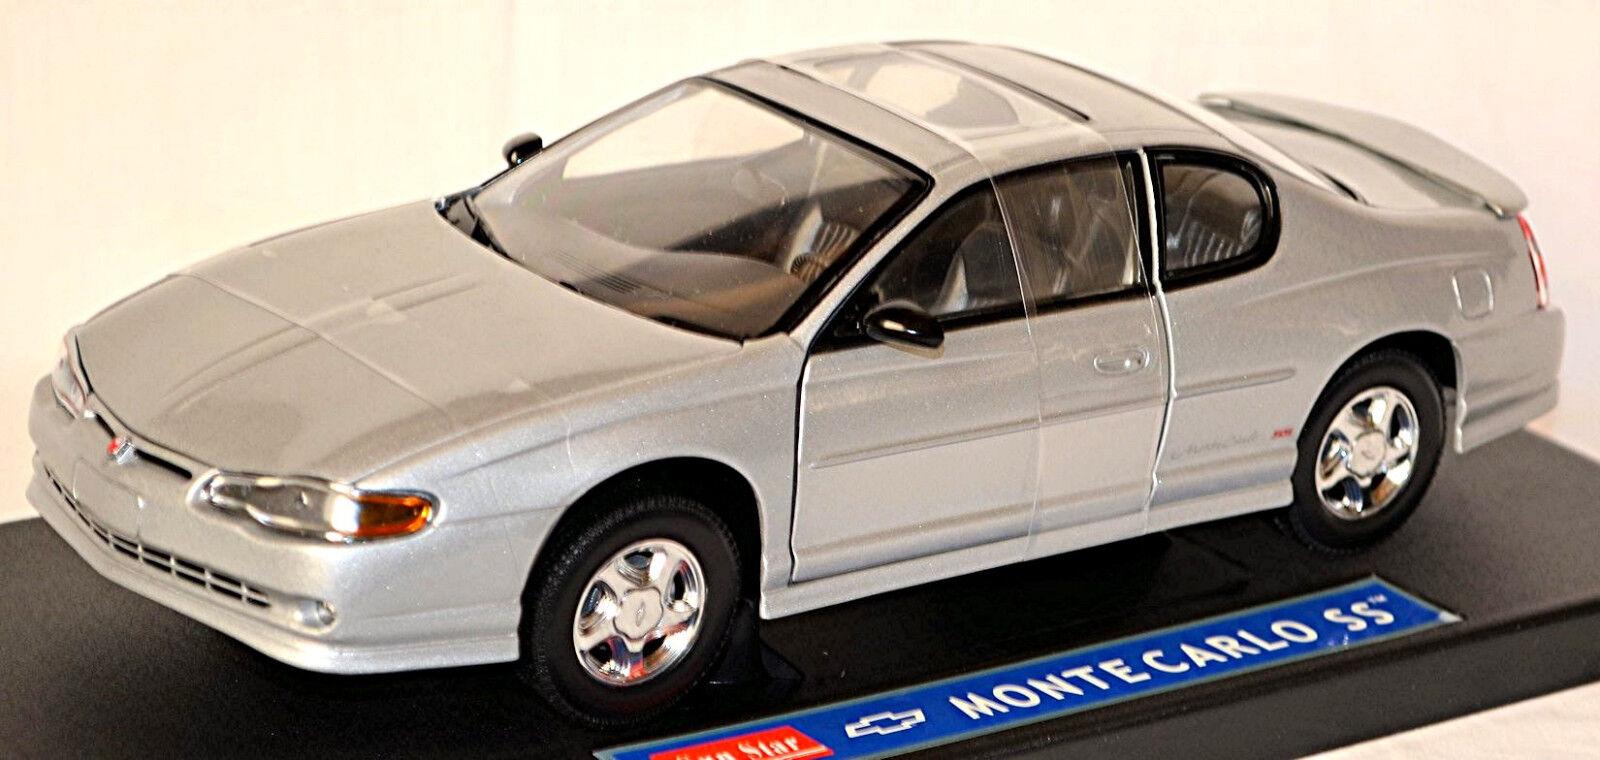 Chevrolet Monte Carlo SS Coupé 1999-2005 argent argent métallique 1 18 Sun Star